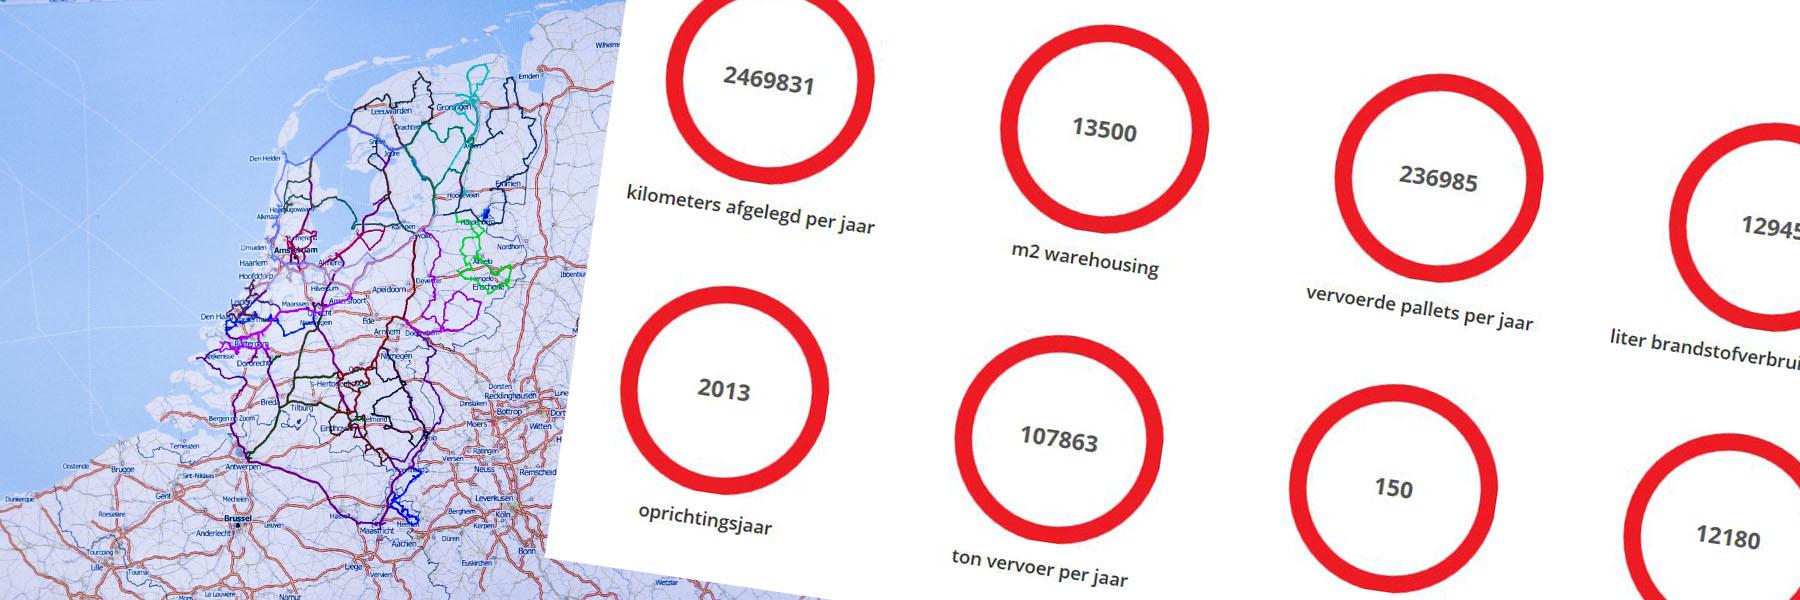 MDI logistics feiten cijfers